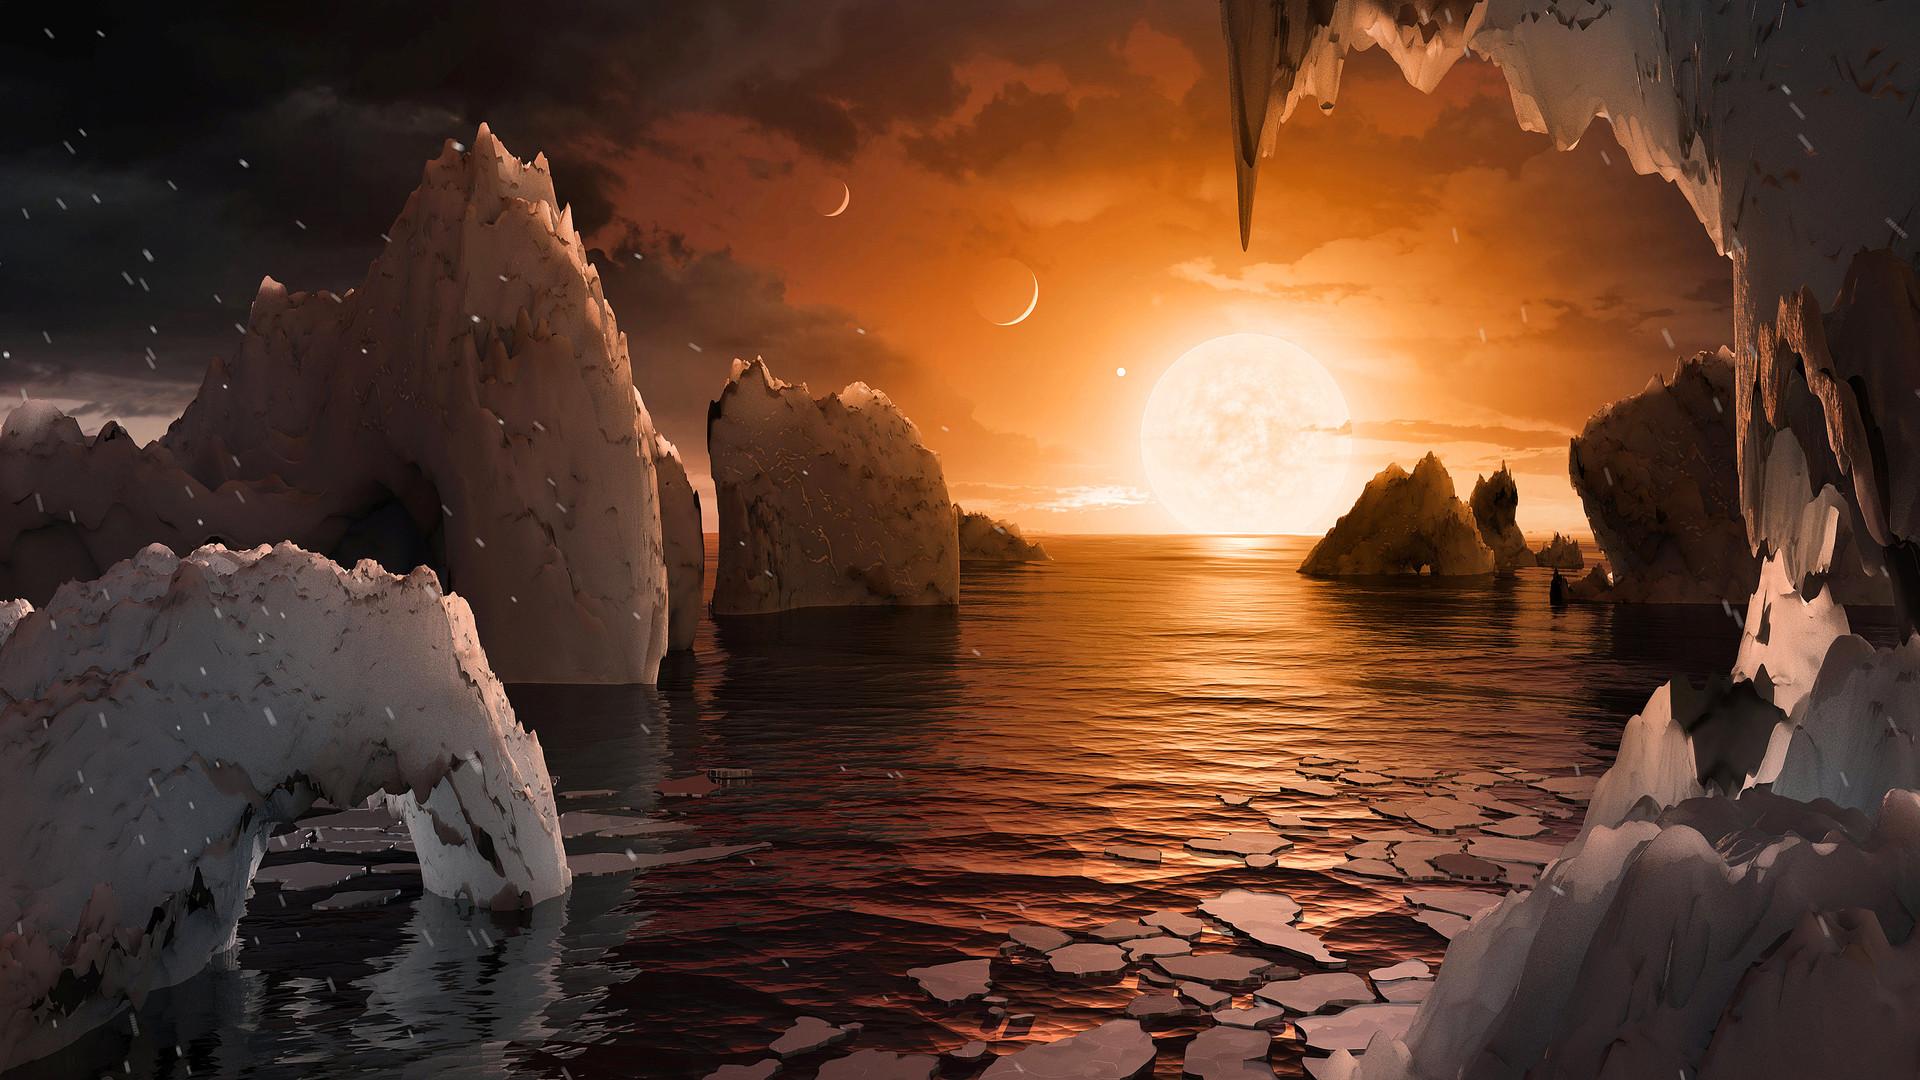 Жить можно! Звезда всозвездии Водолея имеет семь аналогов Земли